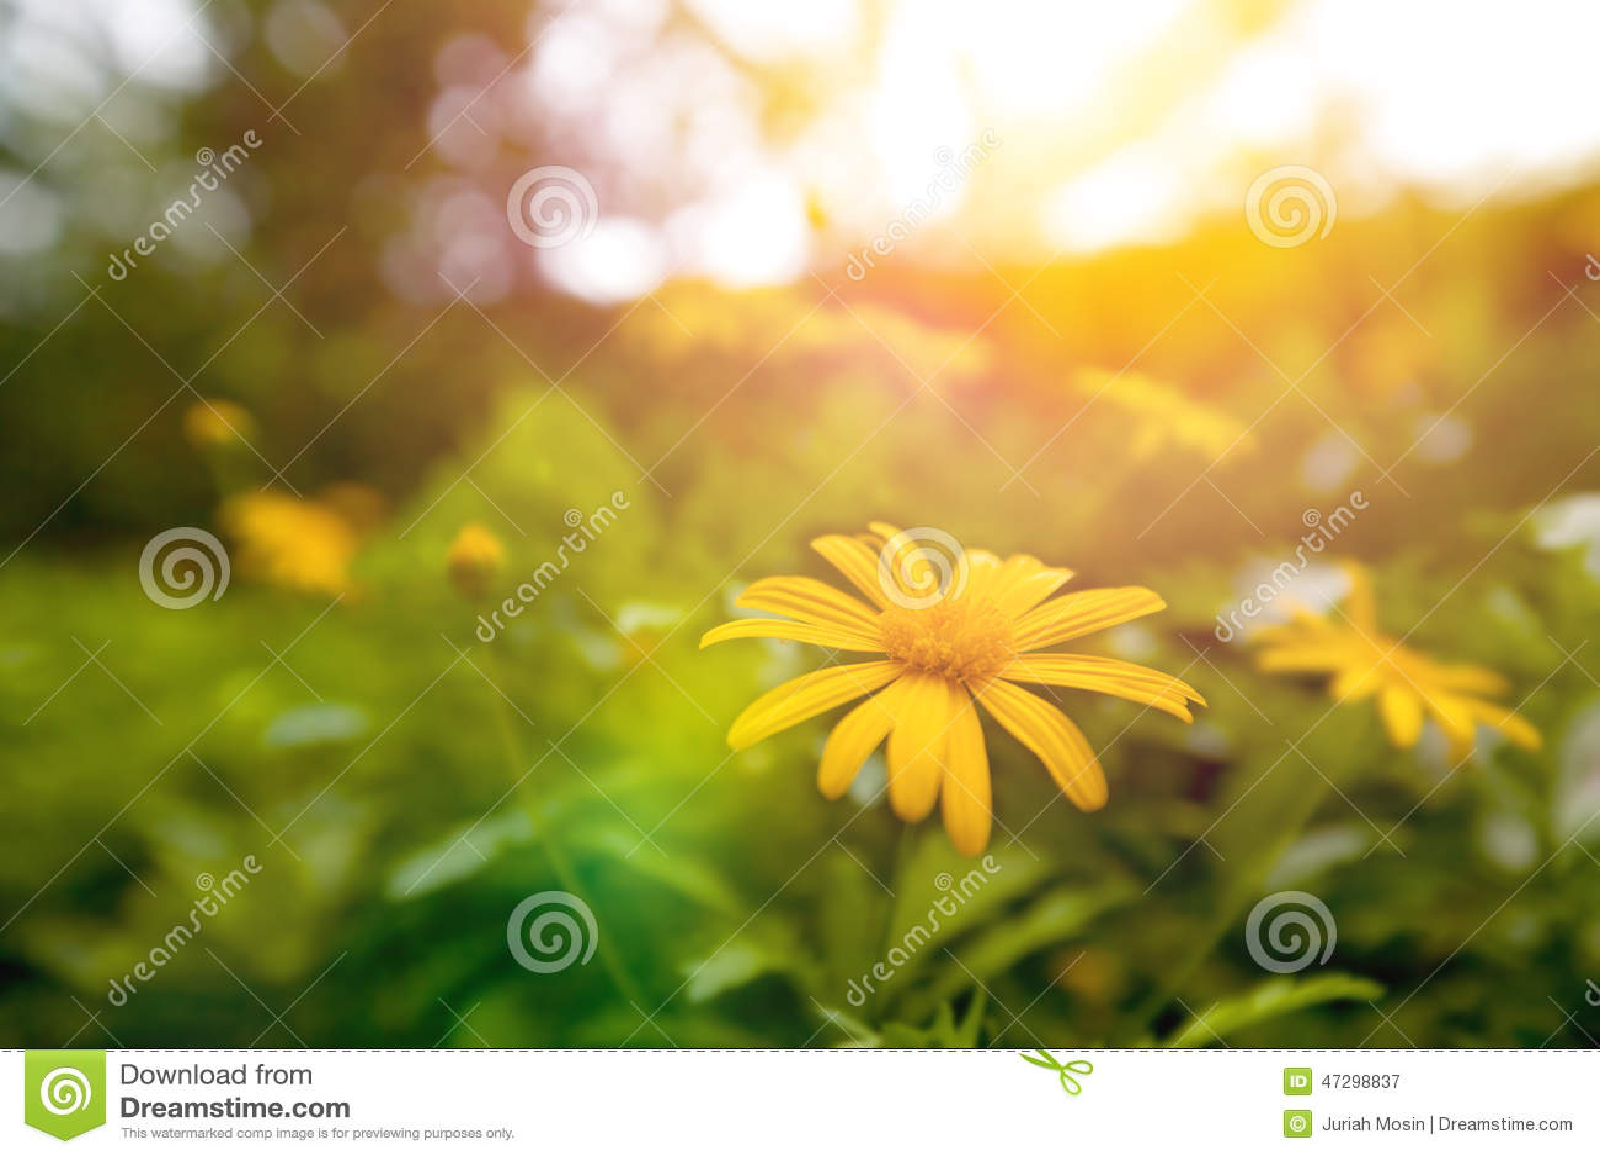 flor de jardim amarela:Flor Amarela Da Margarida No Jardim No Nascer Do Sol Adiantado Foto de